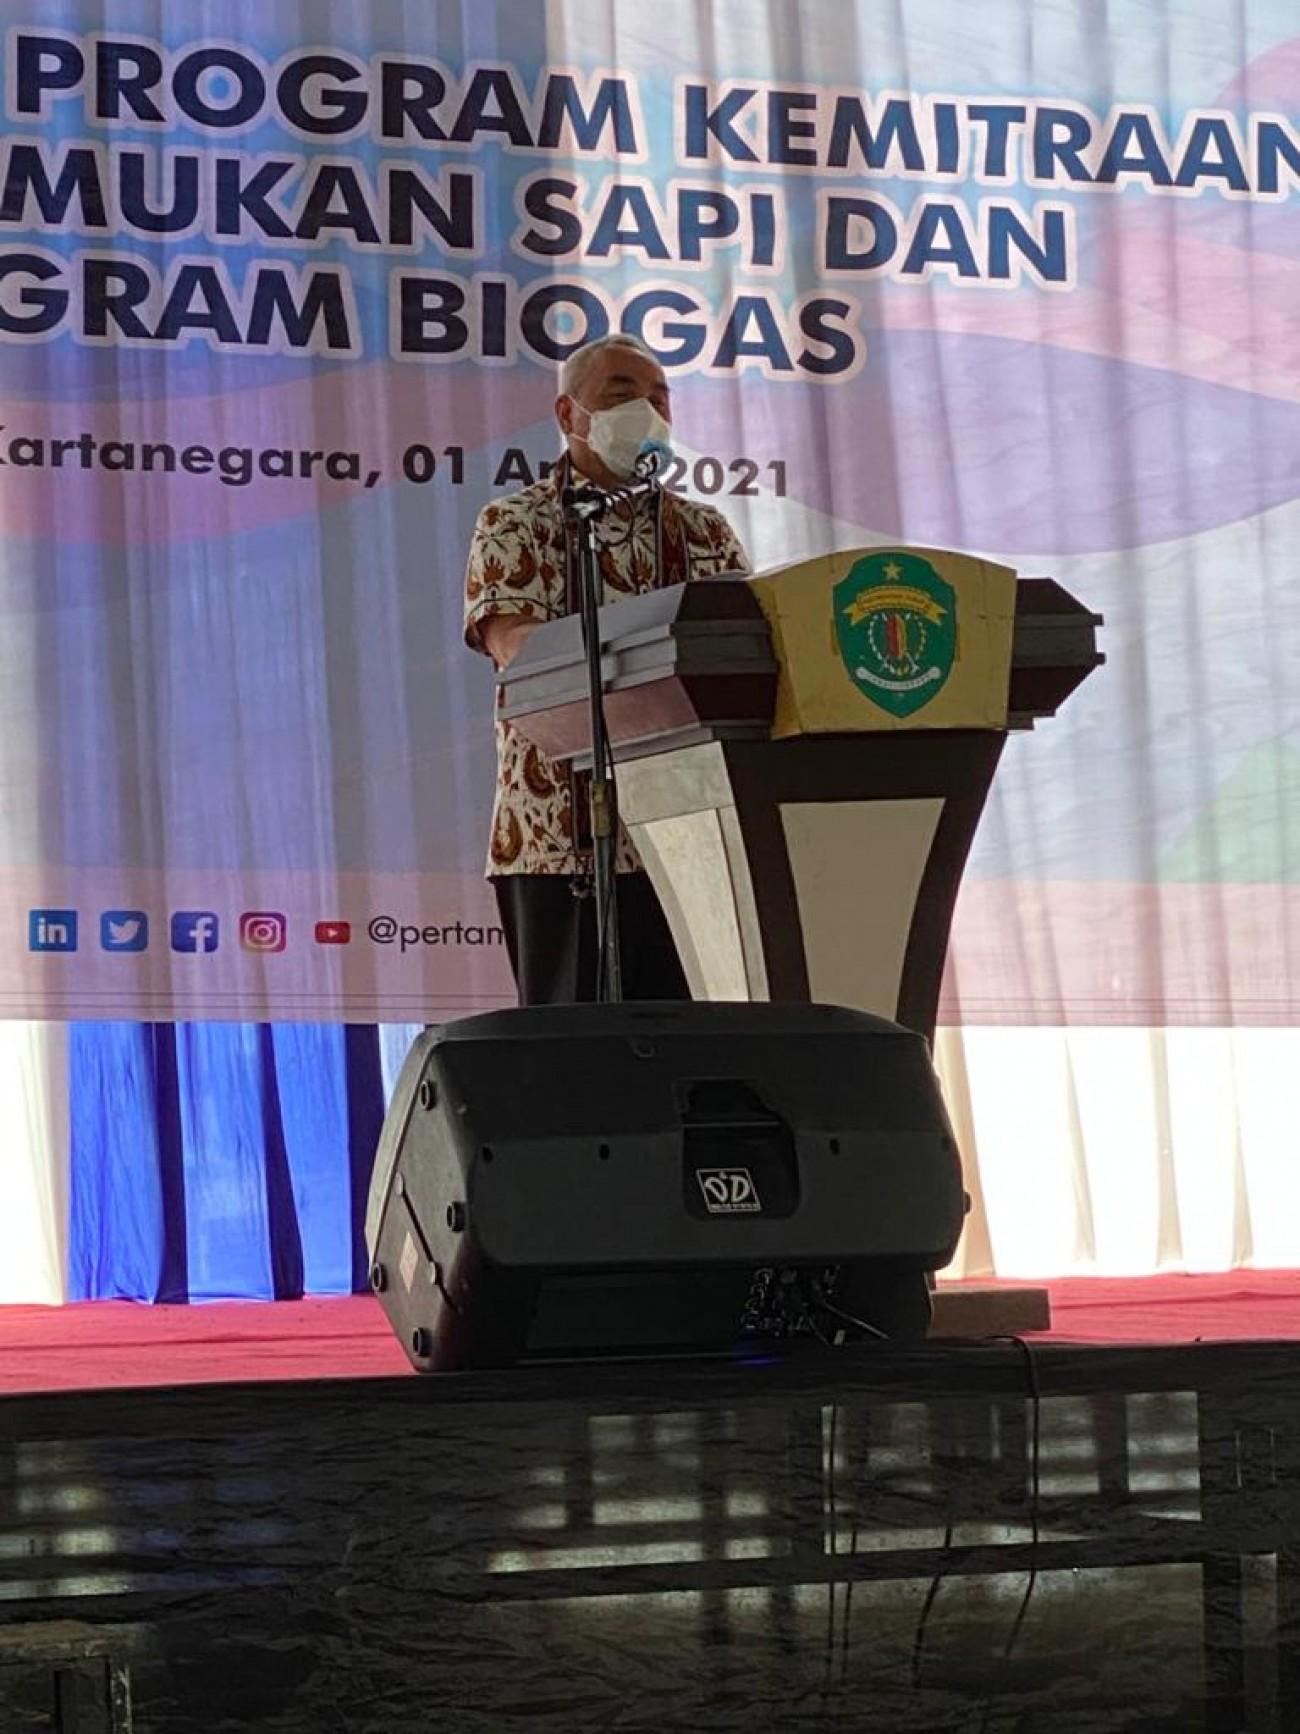 Seremonial Program Penggemukan Sapi dan Program Biogas